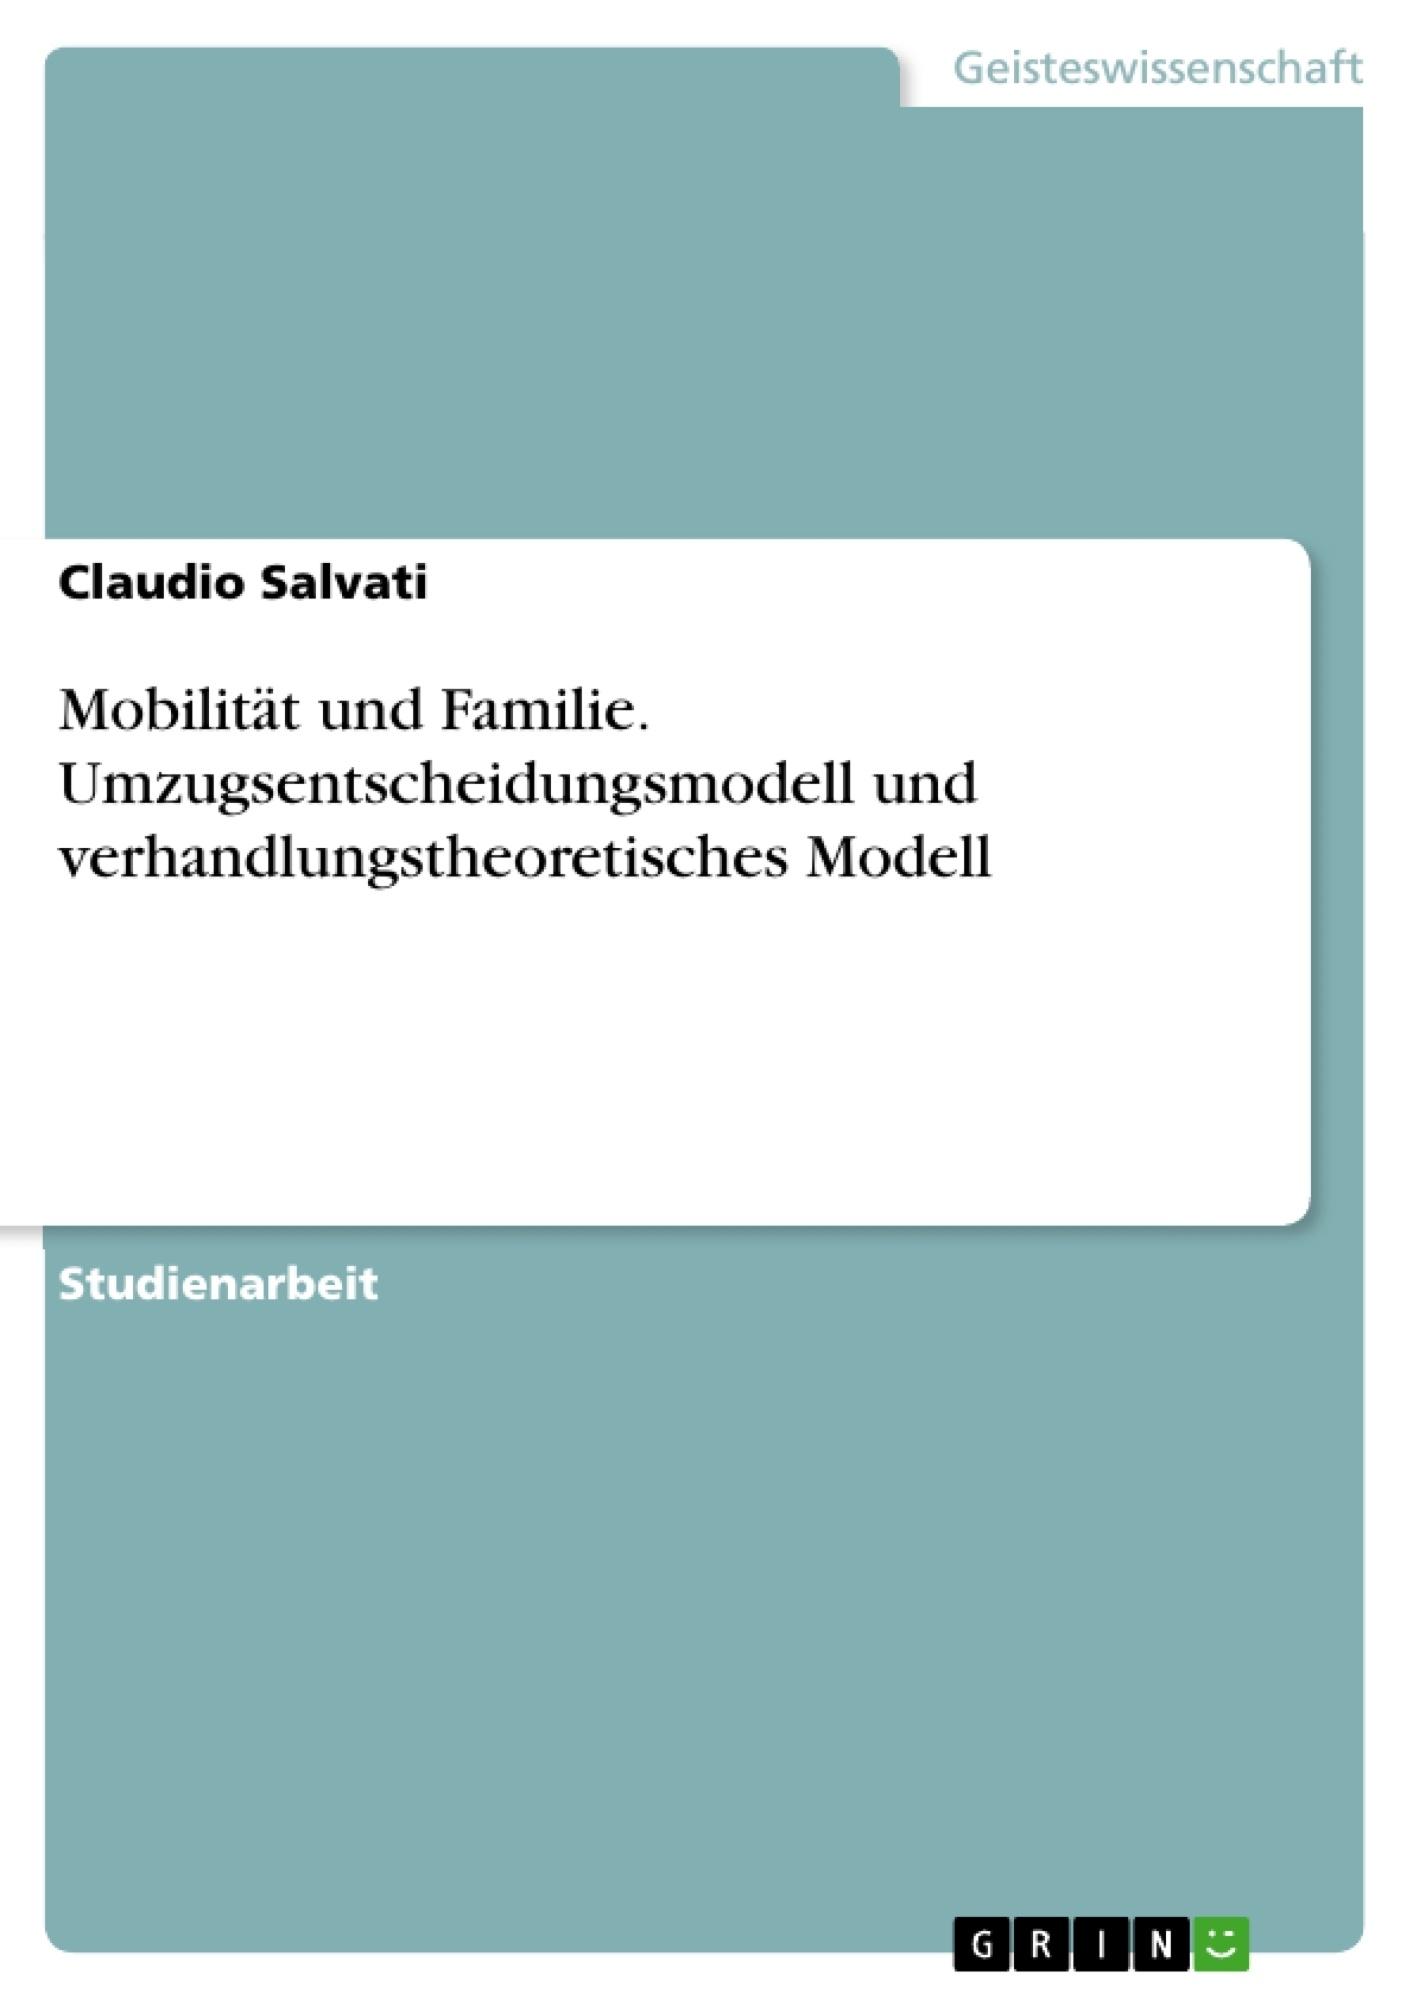 Titel: Mobilität und Familie. Umzugsentscheidungsmodell und verhandlungstheoretisches Modell